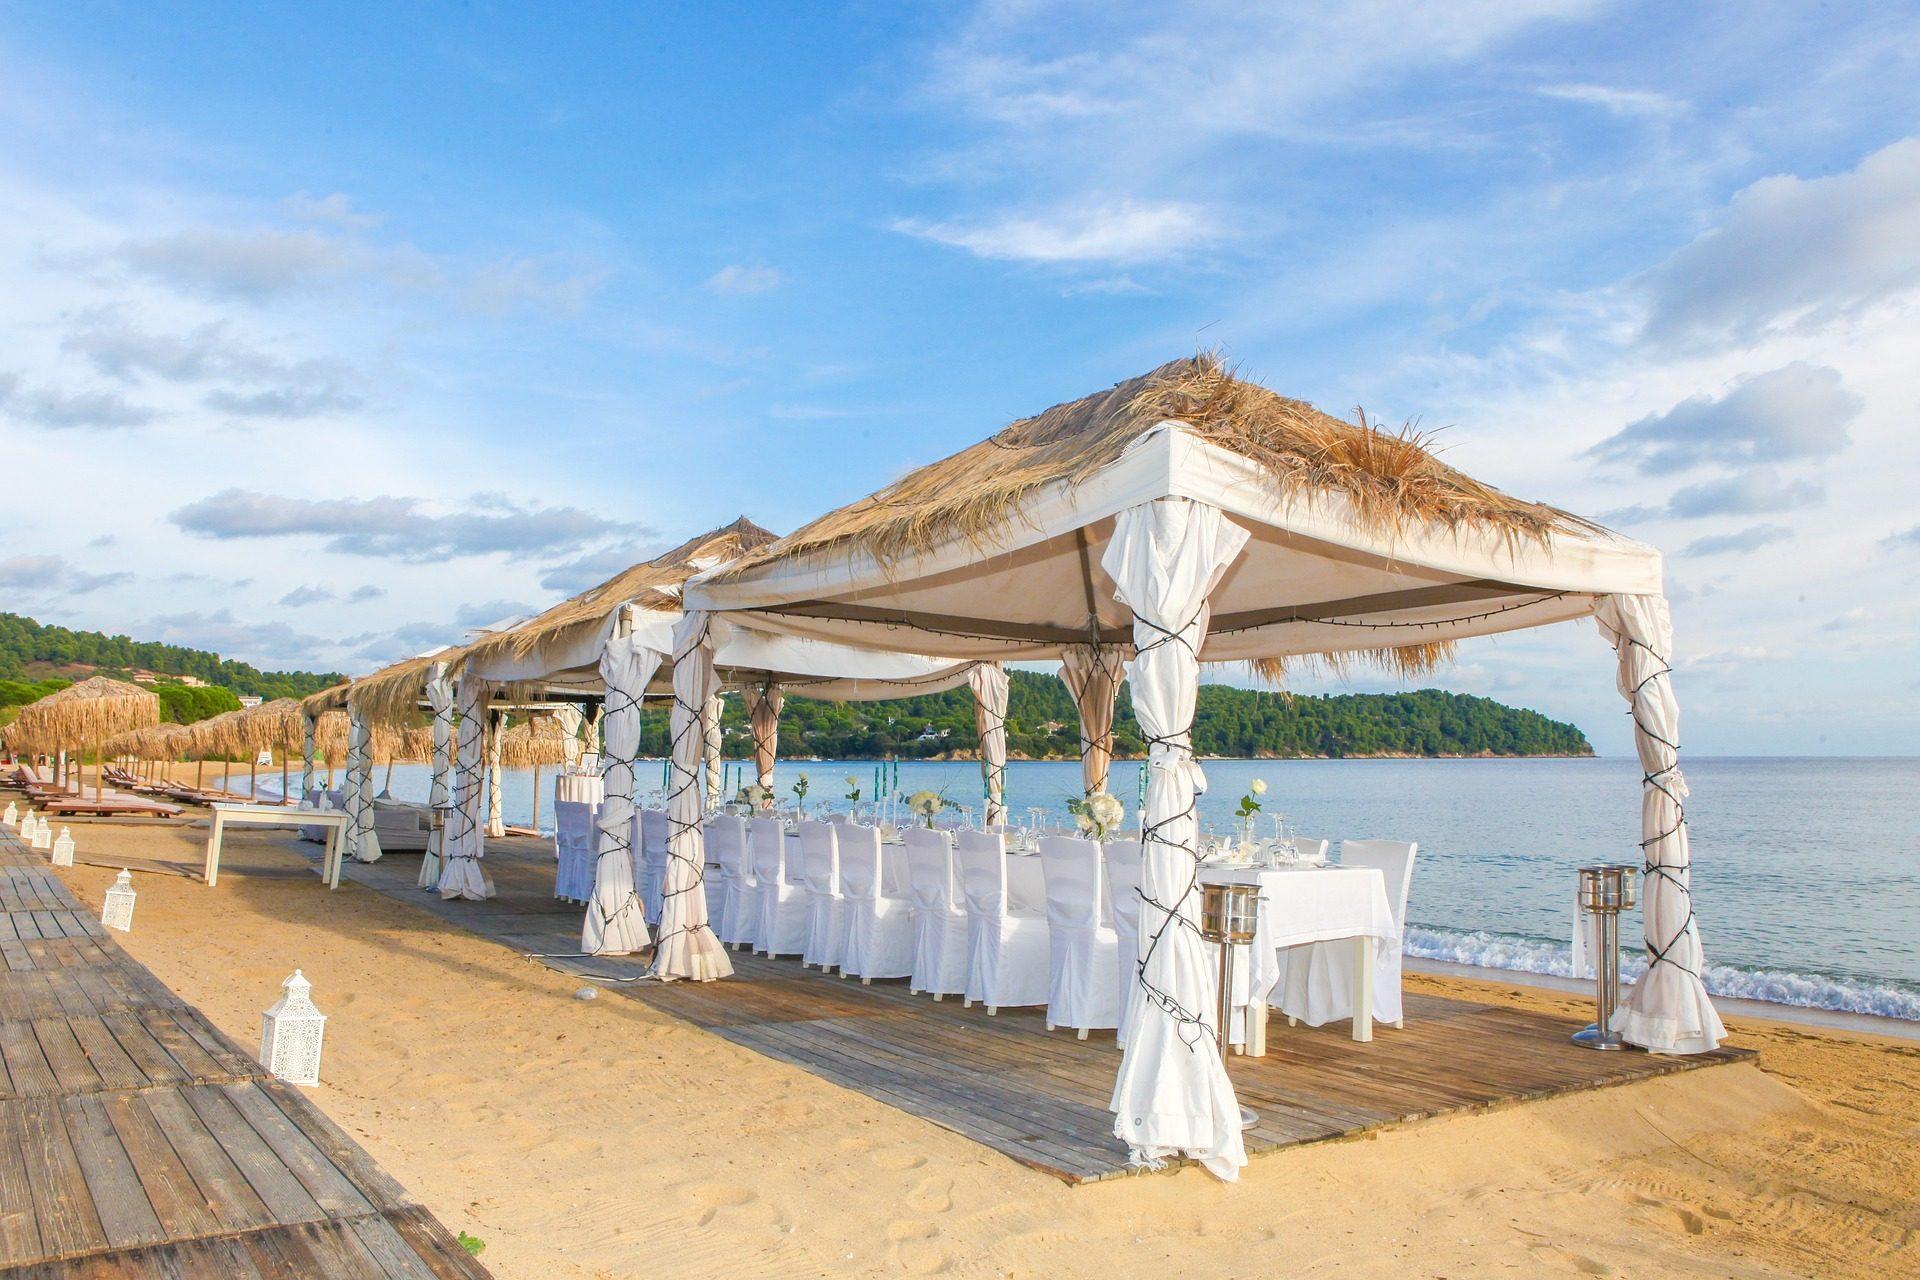 زفاف, الخيام, كراسي, الجداول, playa, الر�الشاطئ orilla - خلفيات عالية الدقة - أستاذ falken.com